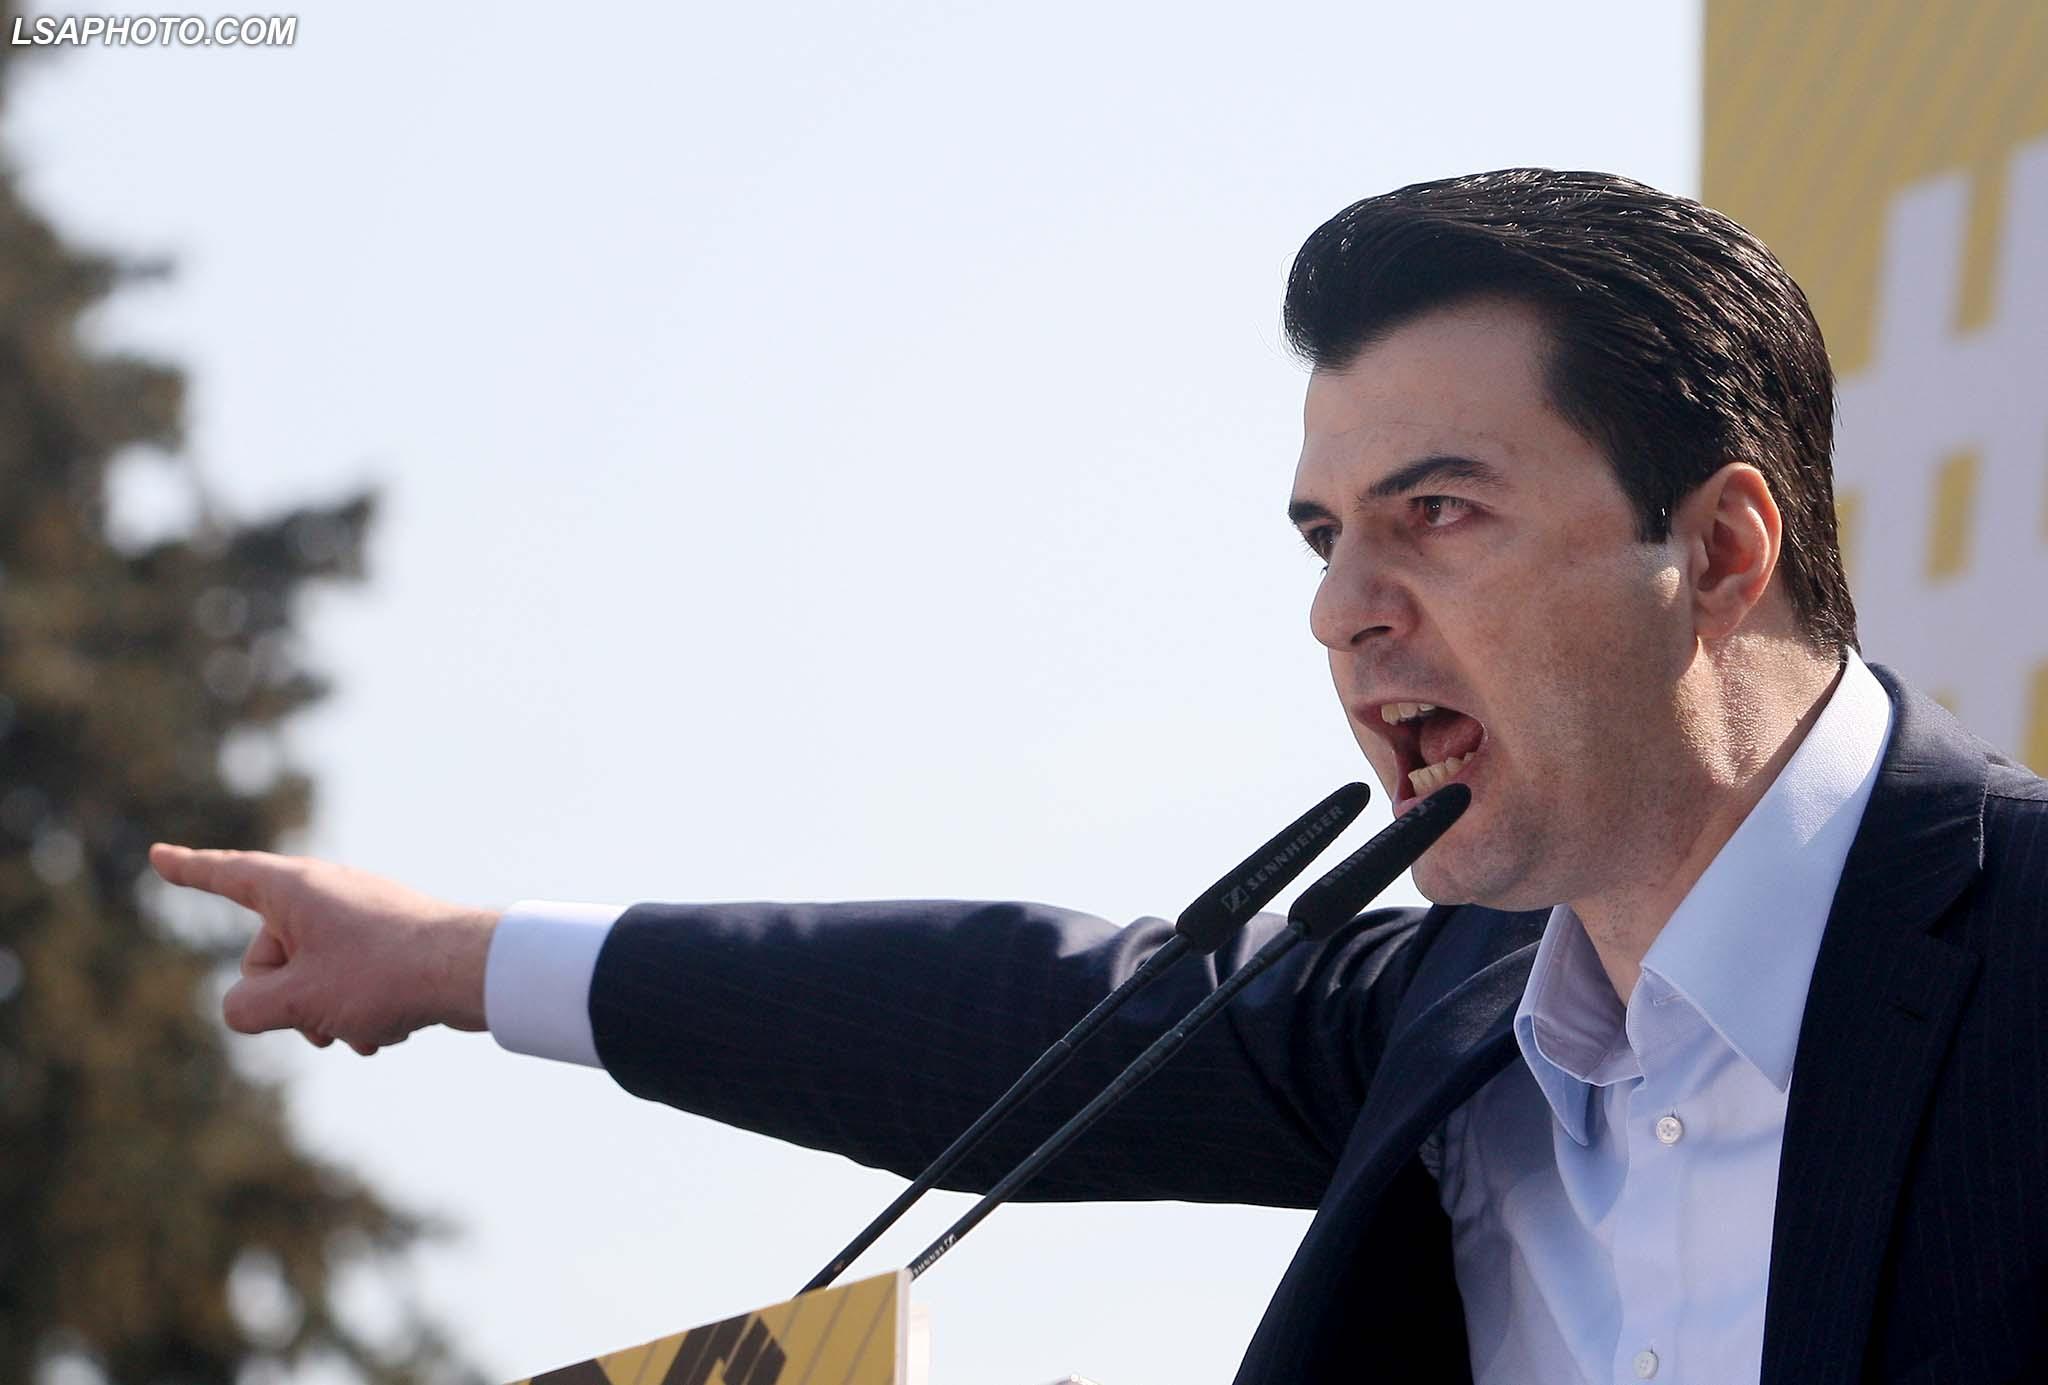 Strategjia/S'ka zgjedhje më 30 qershorit, opozita do bllokojë me çdo mjet